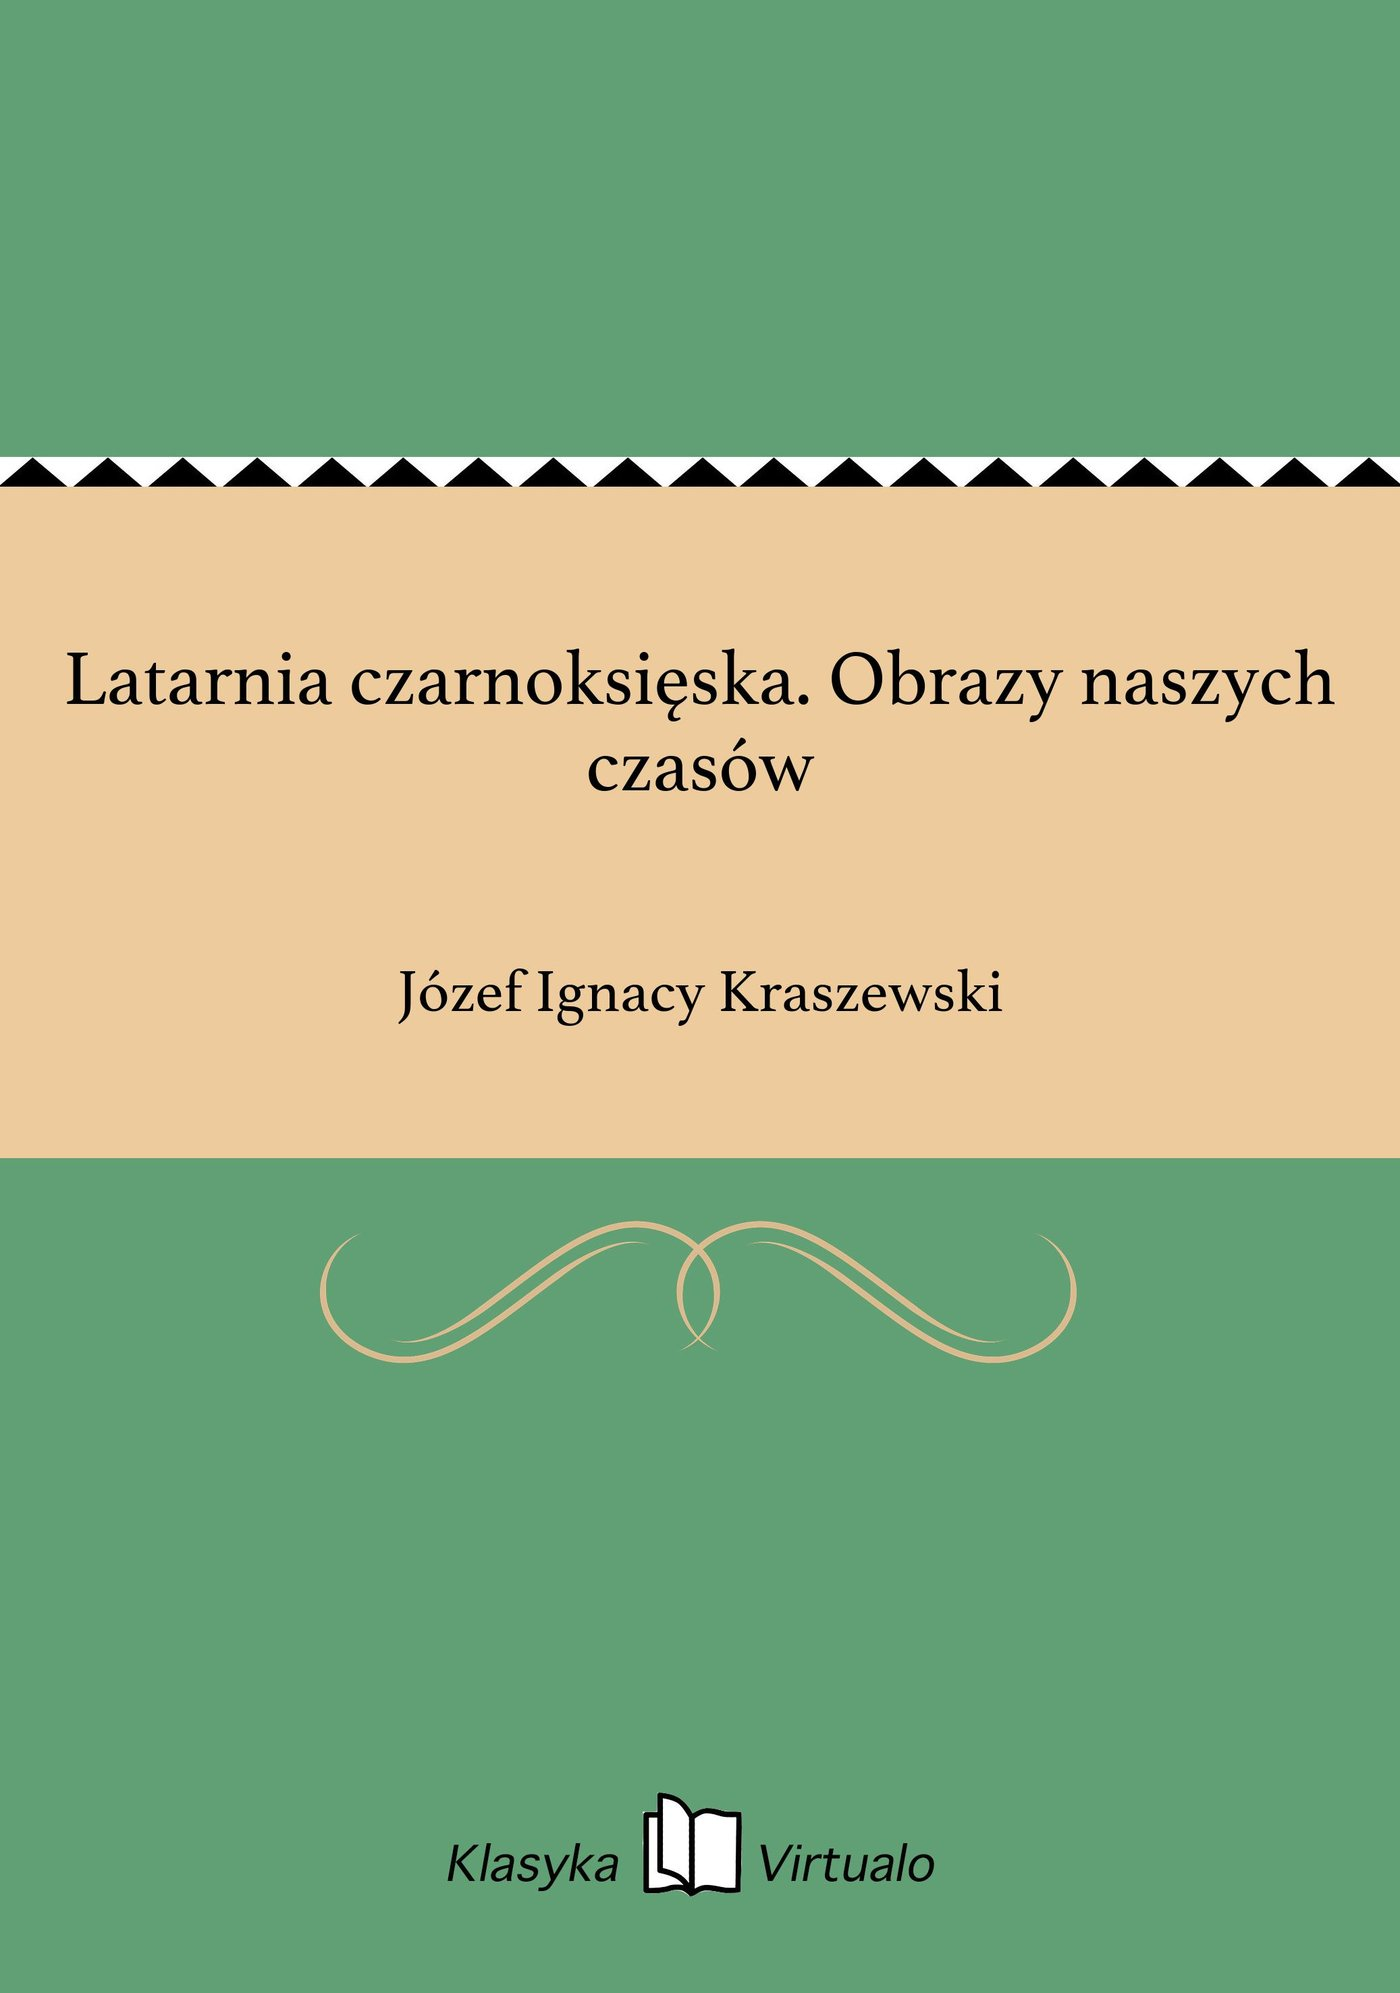 Latarnia czarnoksięska. Obrazy naszych czasów - Ebook (Książka EPUB) do pobrania w formacie EPUB